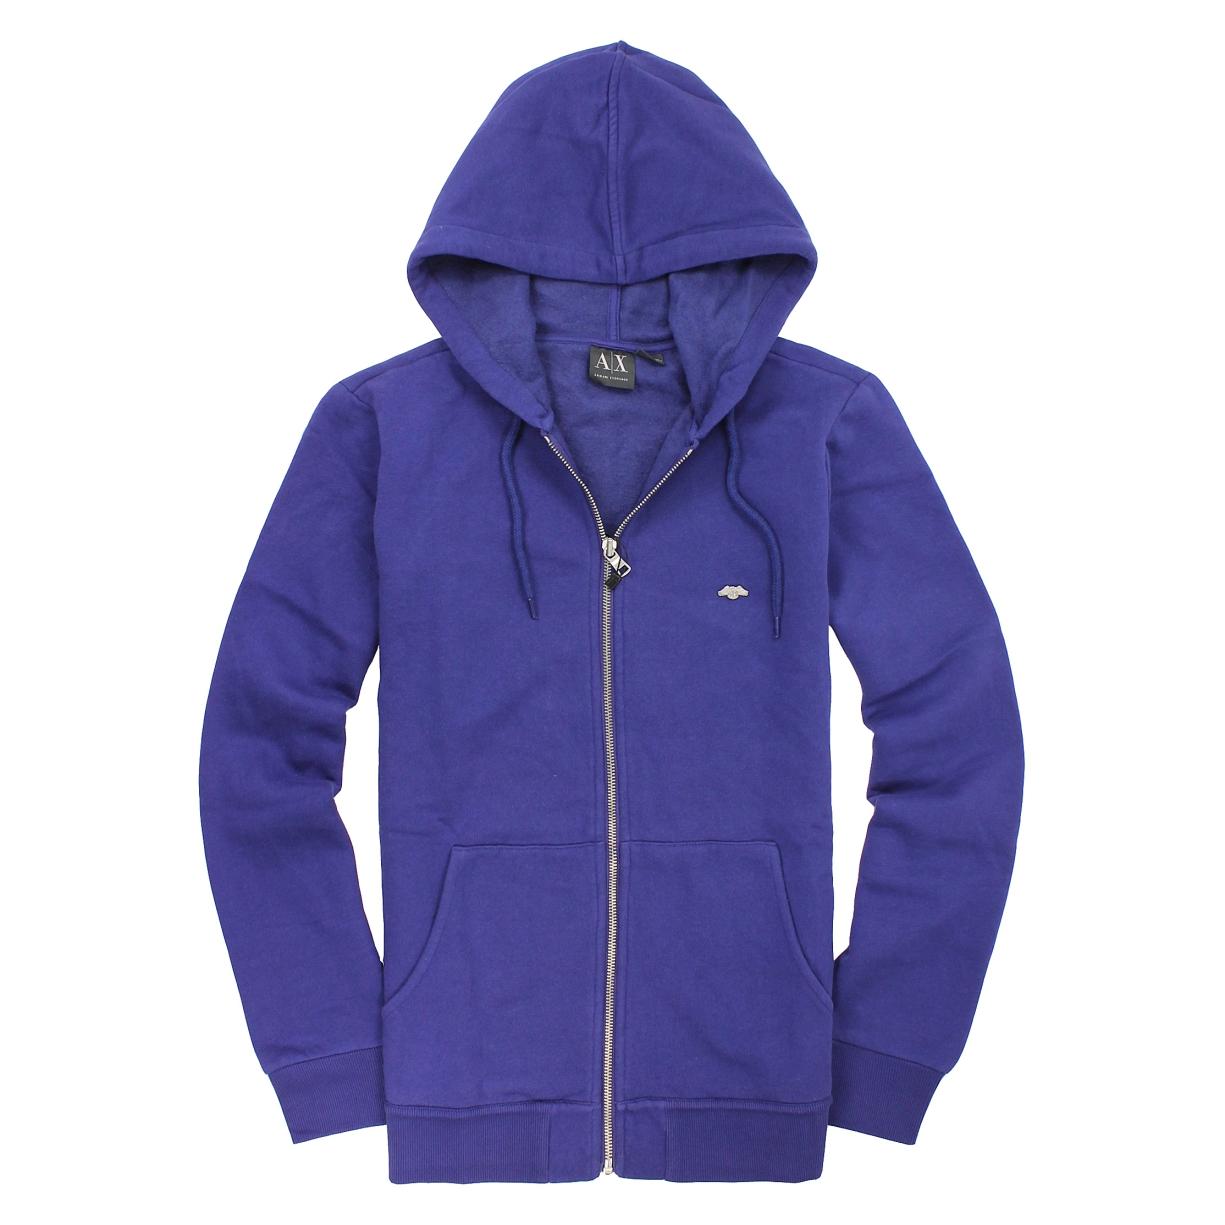 美國百分百【全新真品】Armani Exchange 外套 AX 連帽外套 夾克 亞曼尼 寶藍 Logo 男 S號 A871